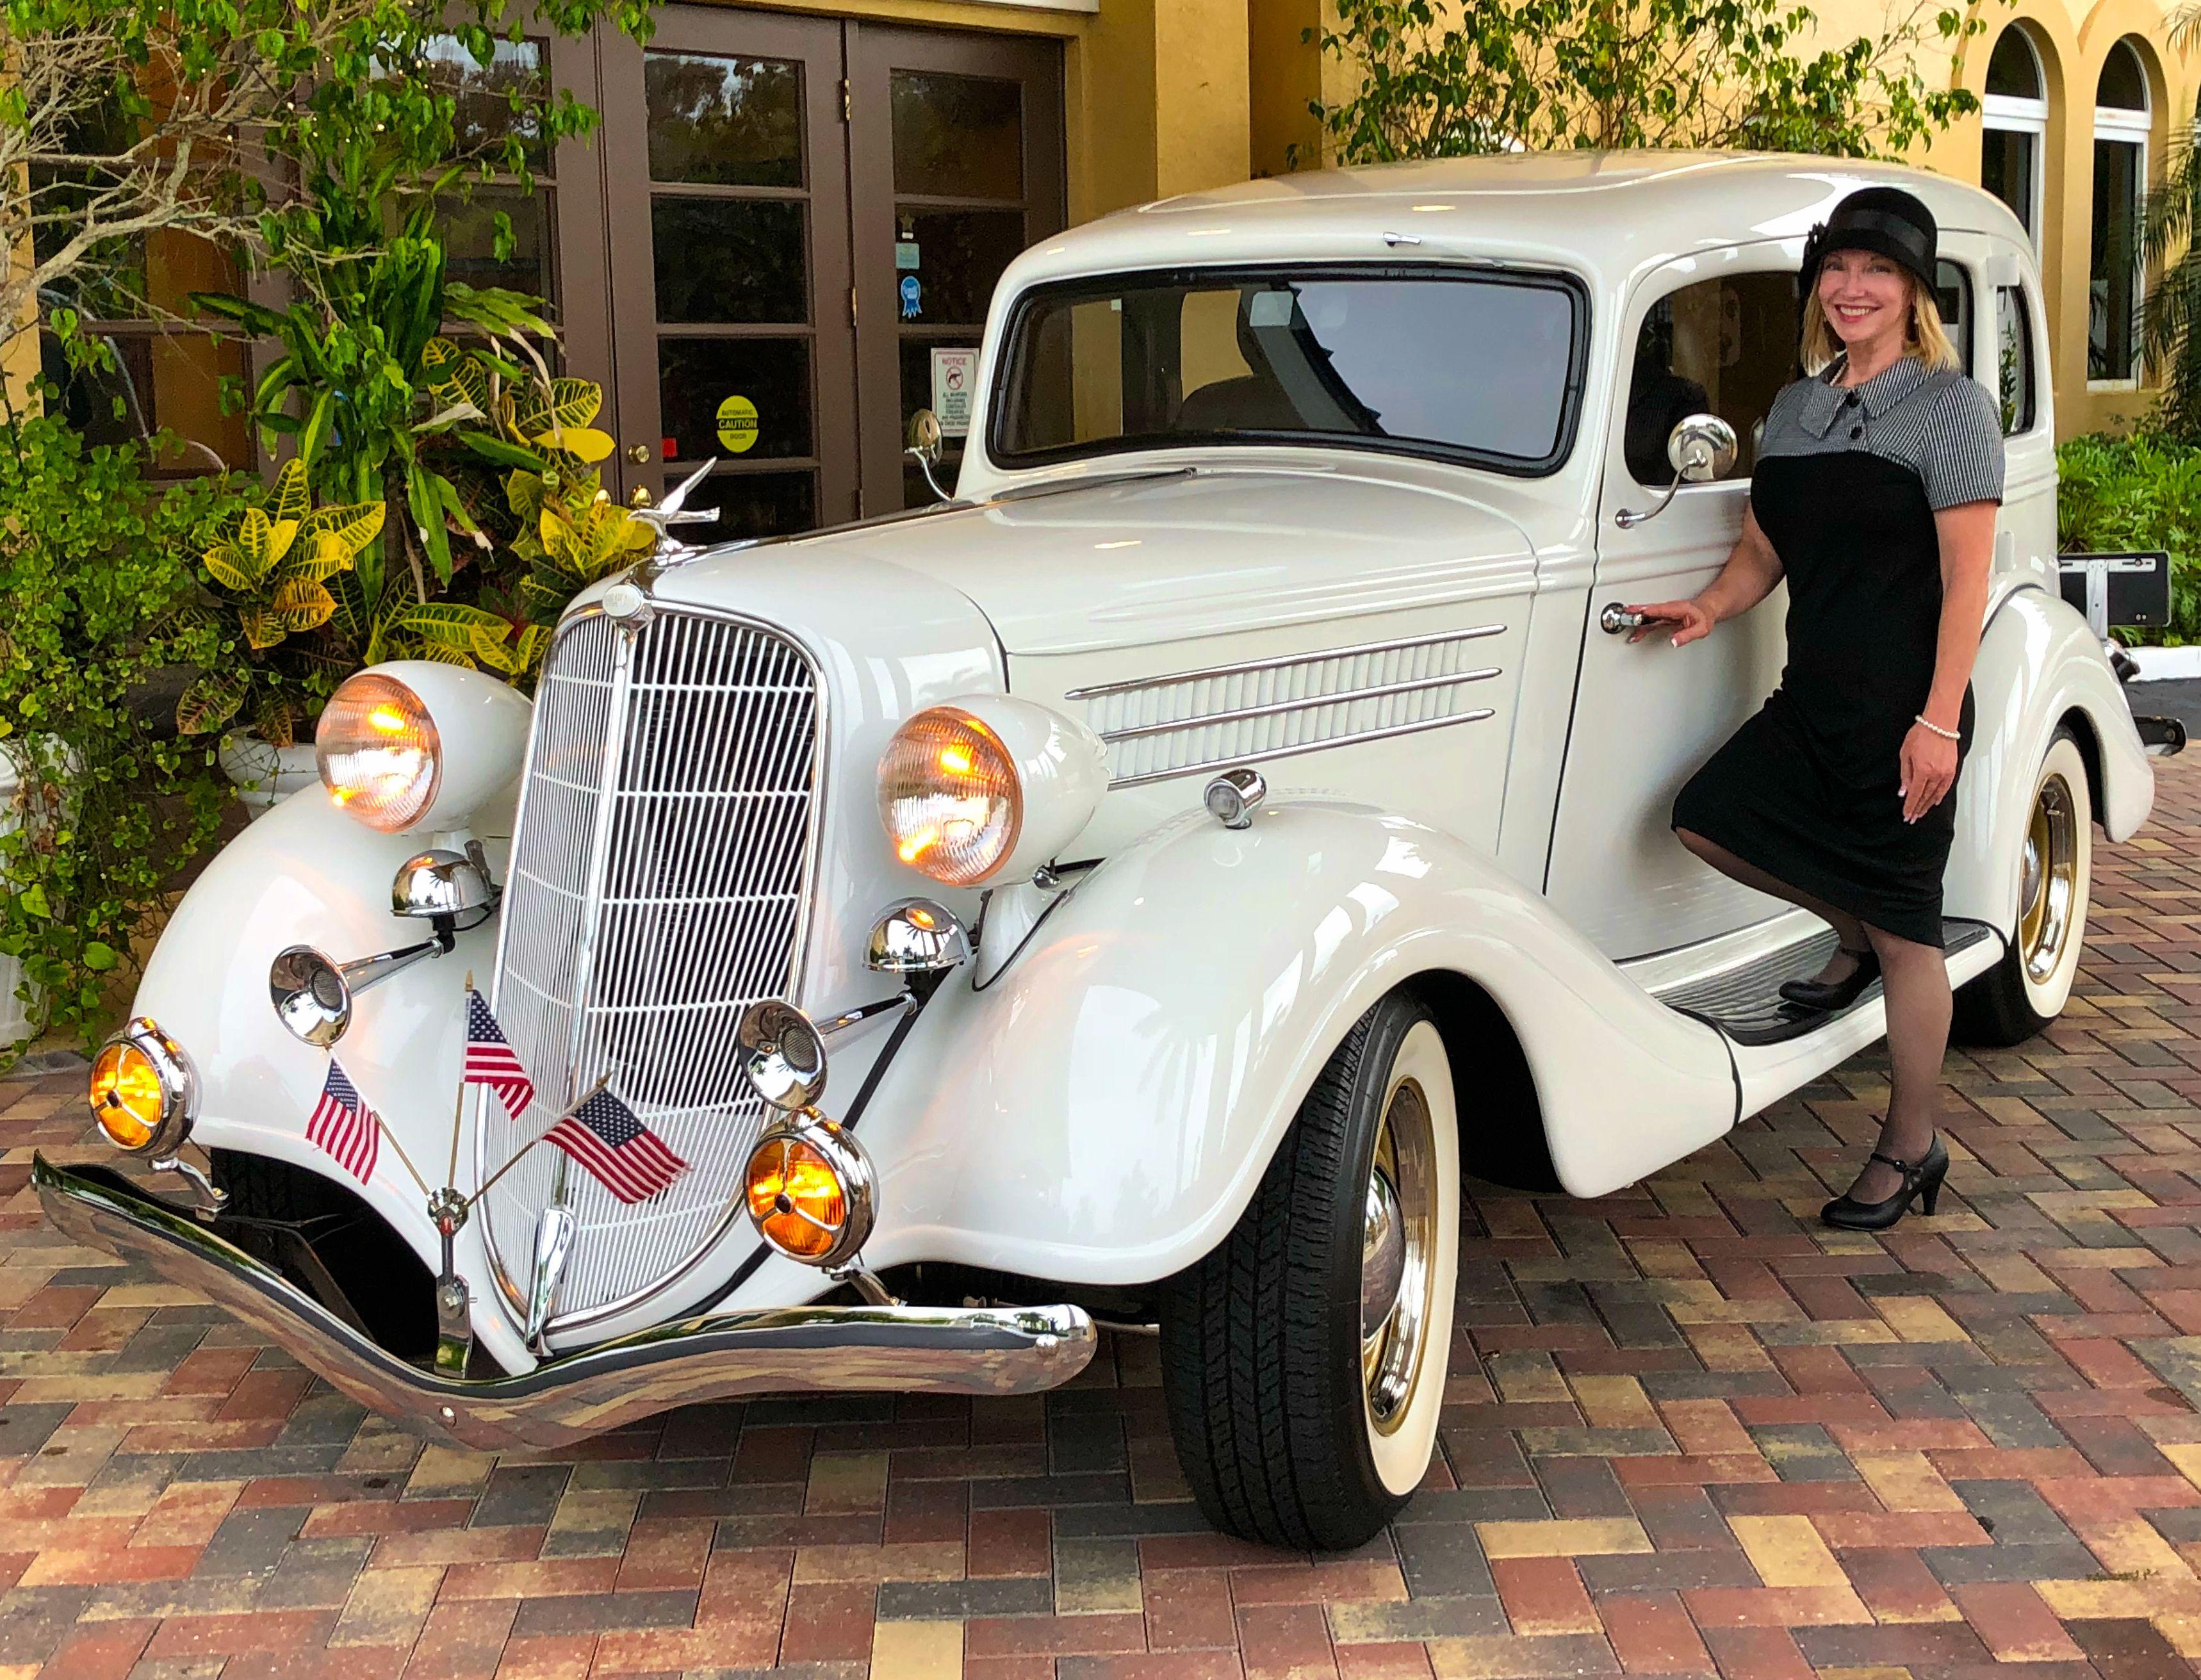 Vintage Style Wedding Day In 2020 Vintage Car Wedding Wedding Classic Wedding Car